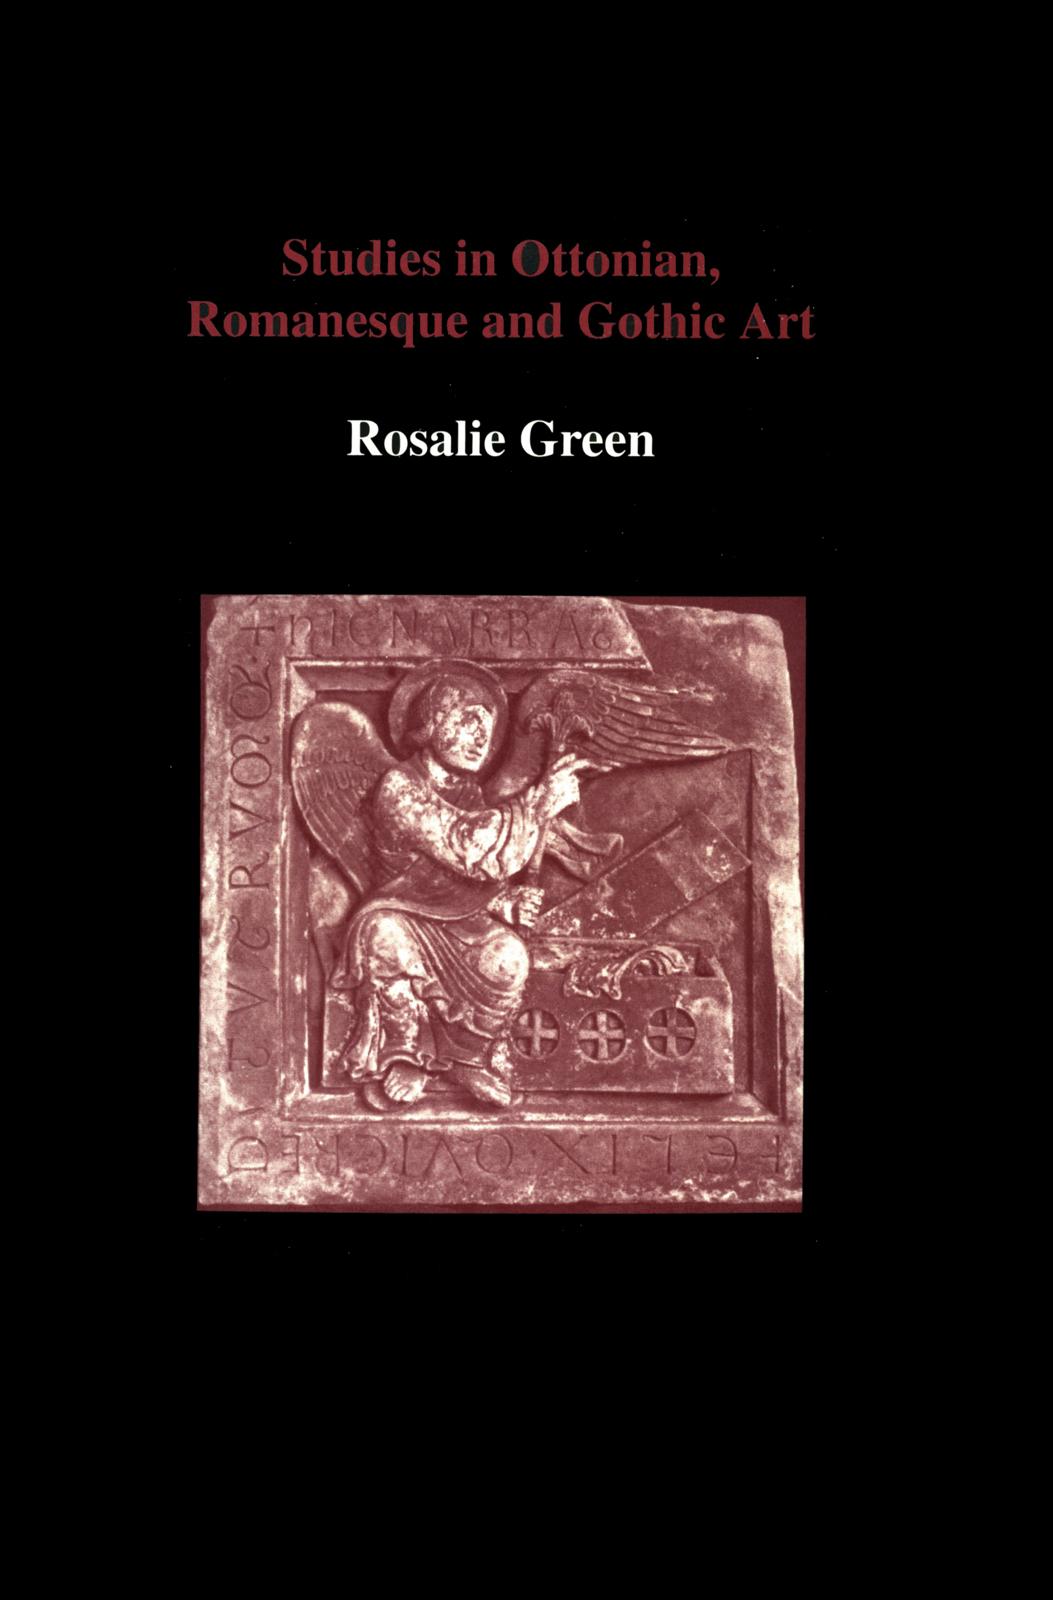 Rosalie Green